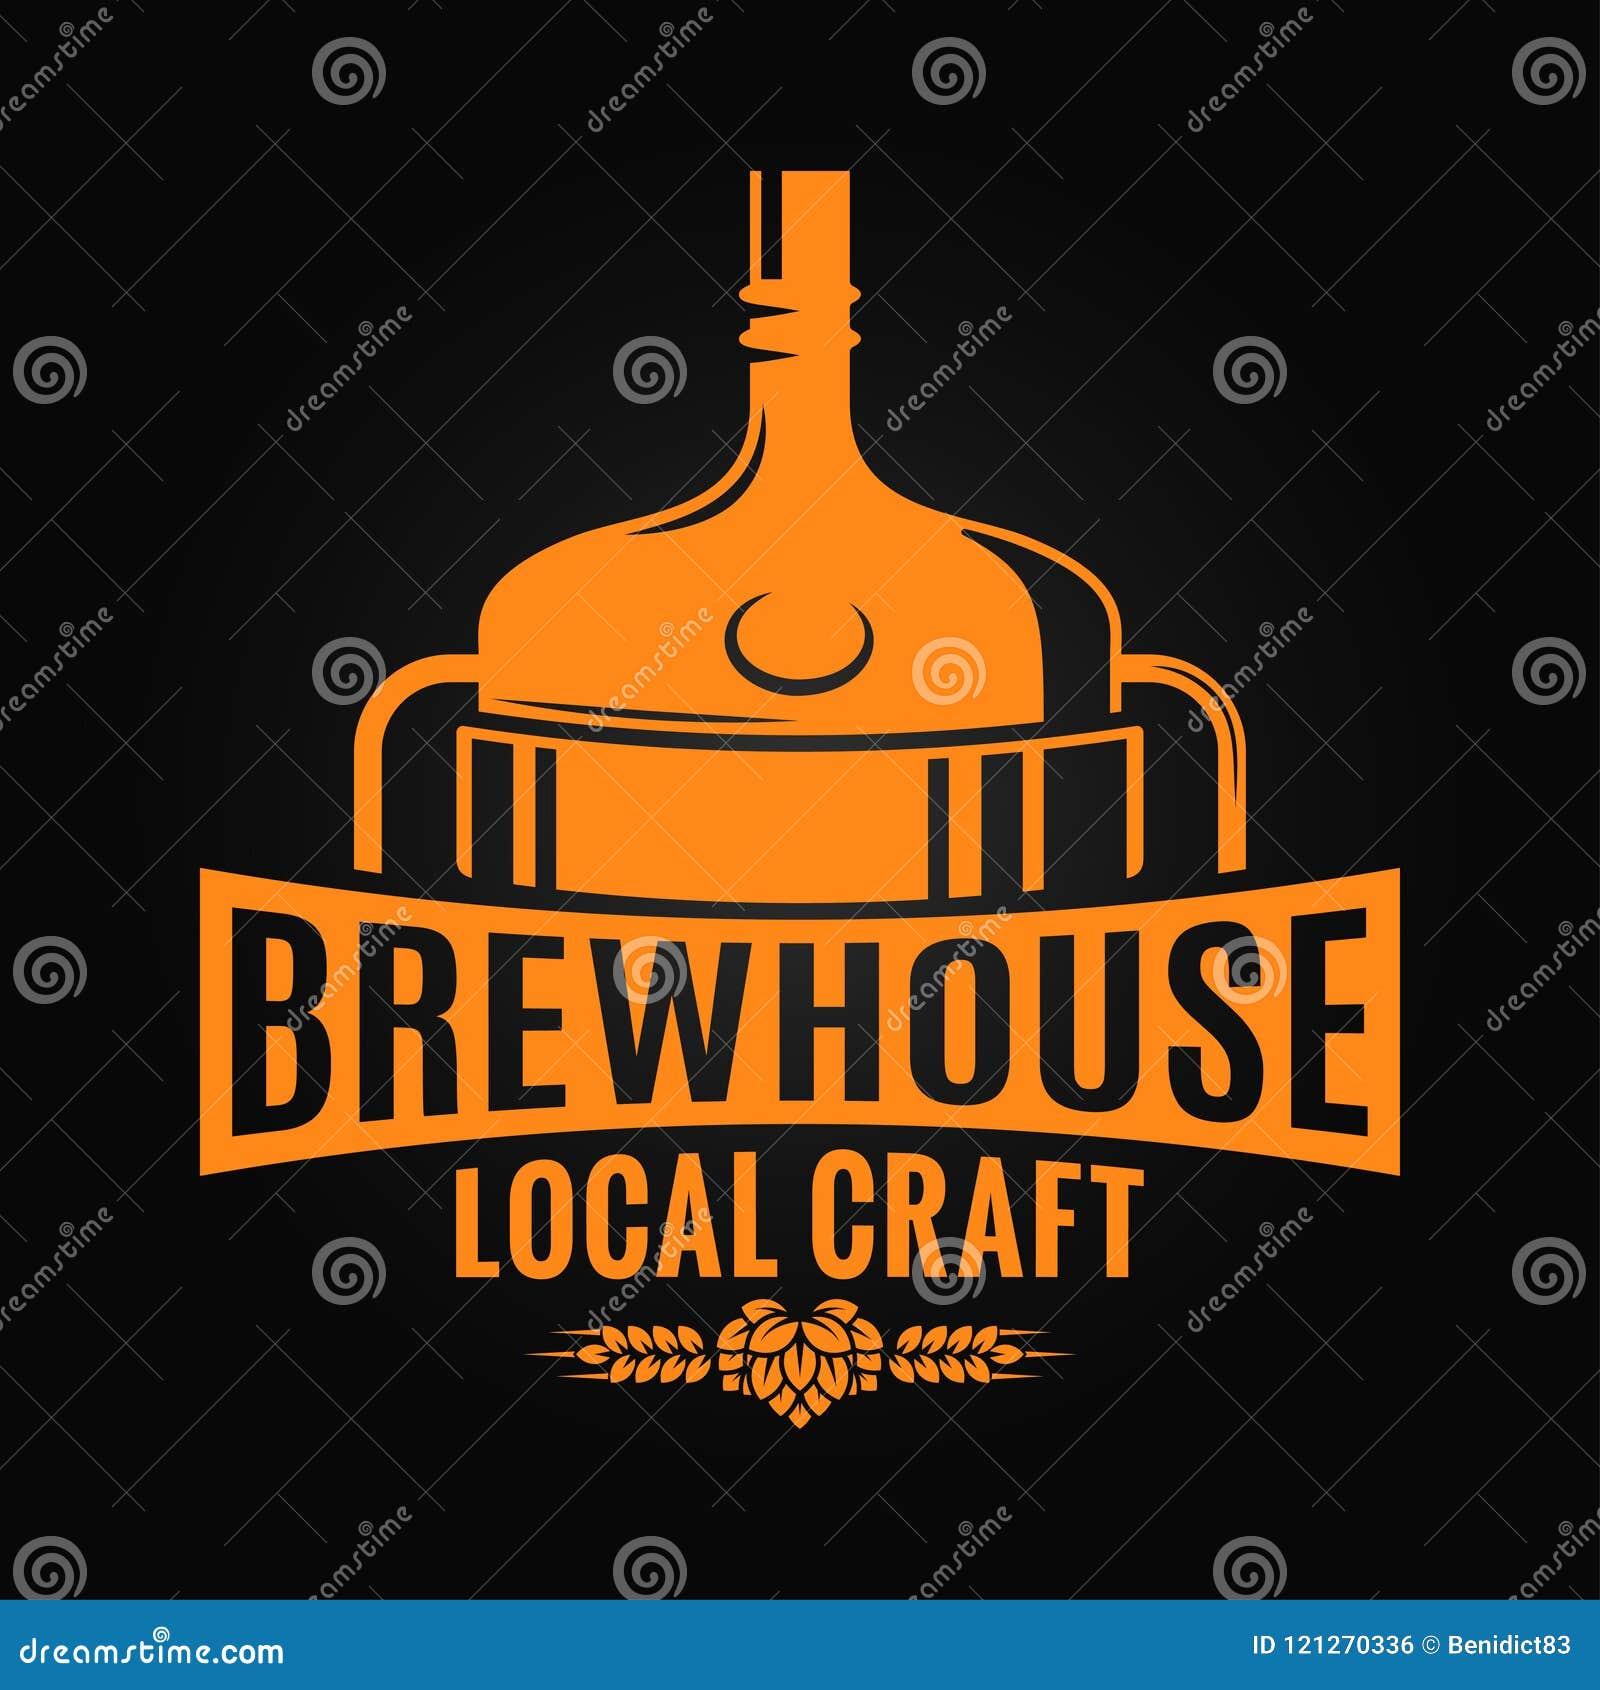 Σχέδιο ζυθοποιείων δεξαμενών μπύρας Brewhouse λογότυπο τεχνών στο μαύρο υπόβαθρο